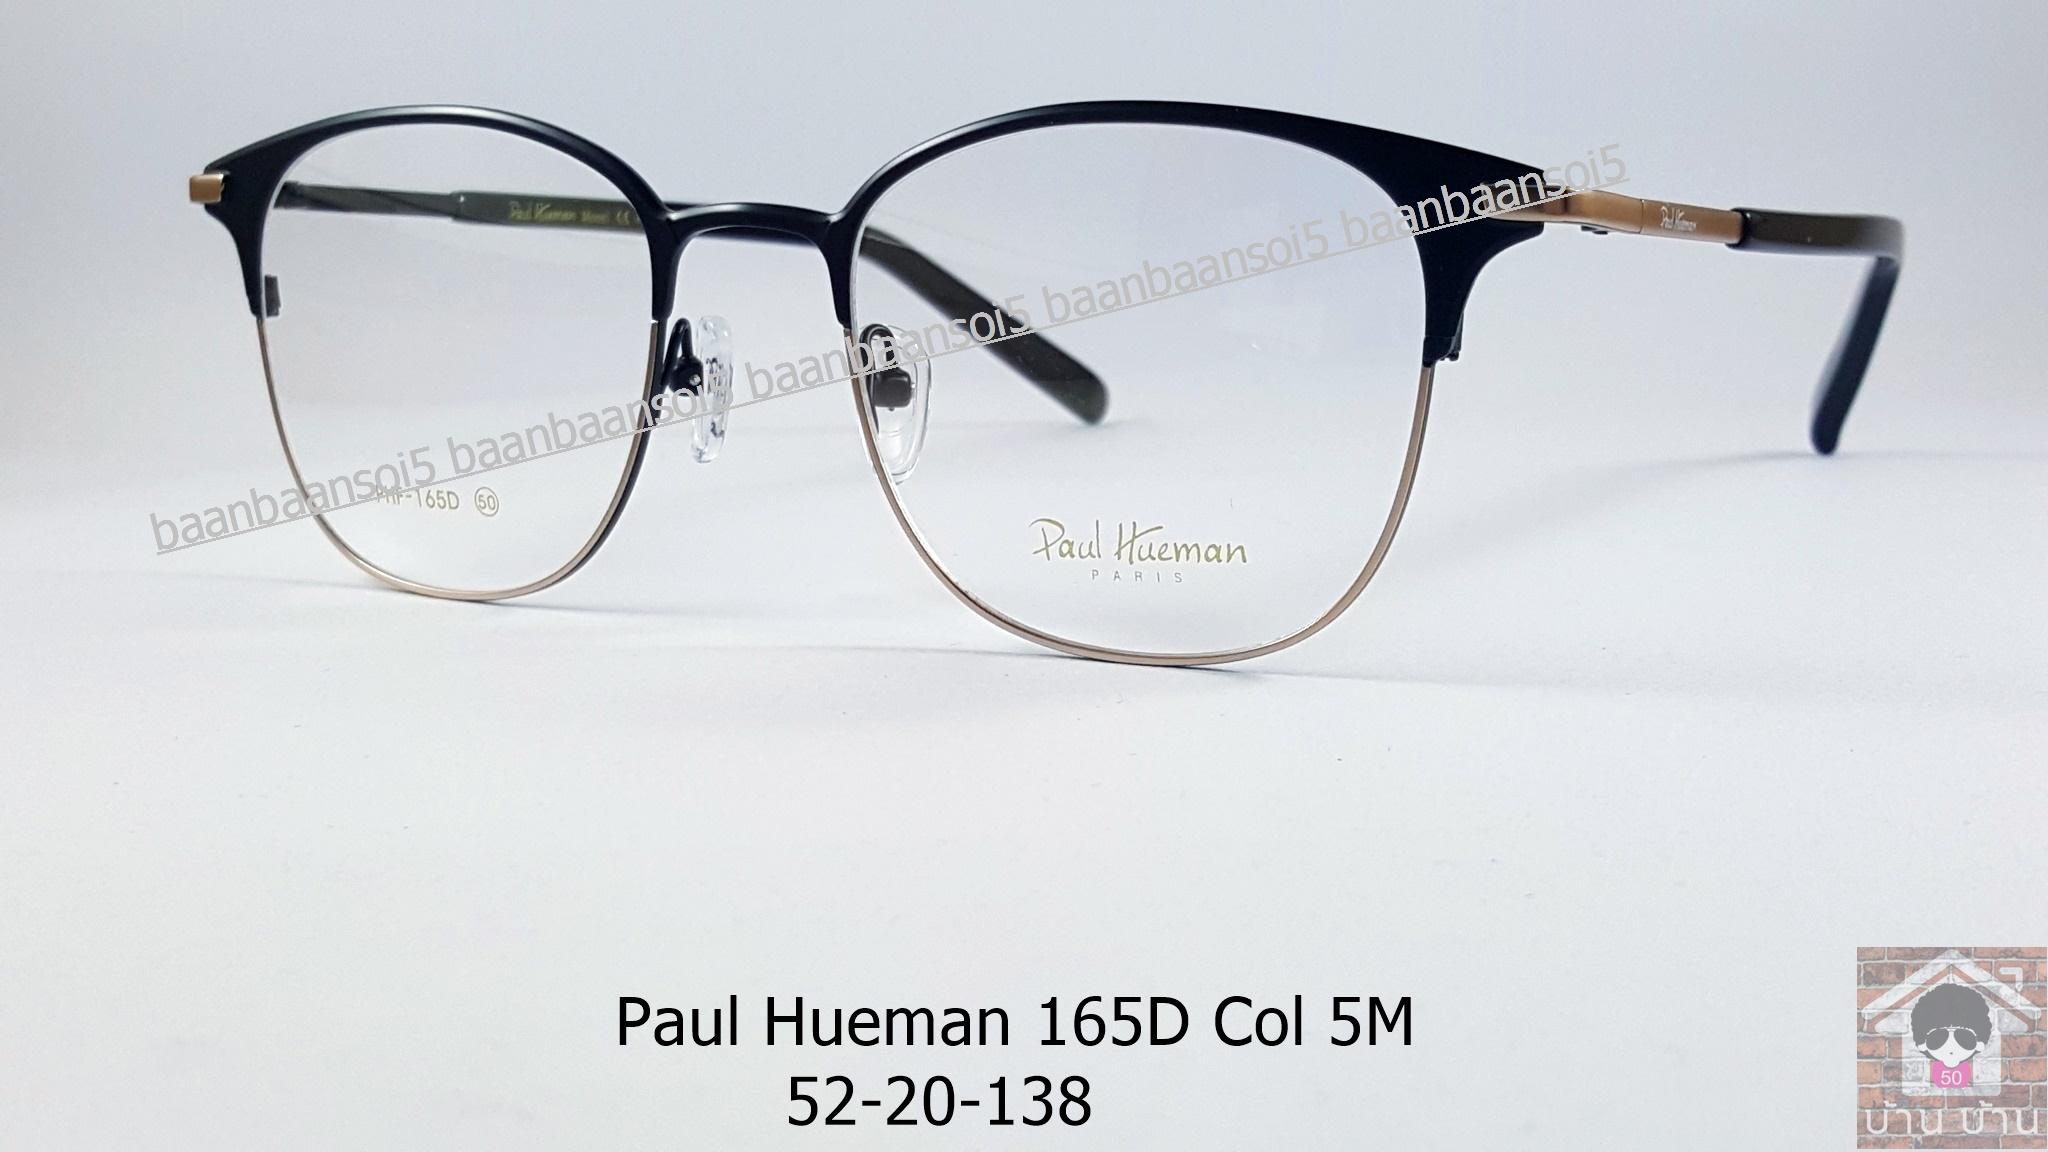 Paul Hueman 165D Col.5M โปรโมชั่น กรอบแว่นตาพร้อมเลนส์ HOYA ราคา 3,200 บาท